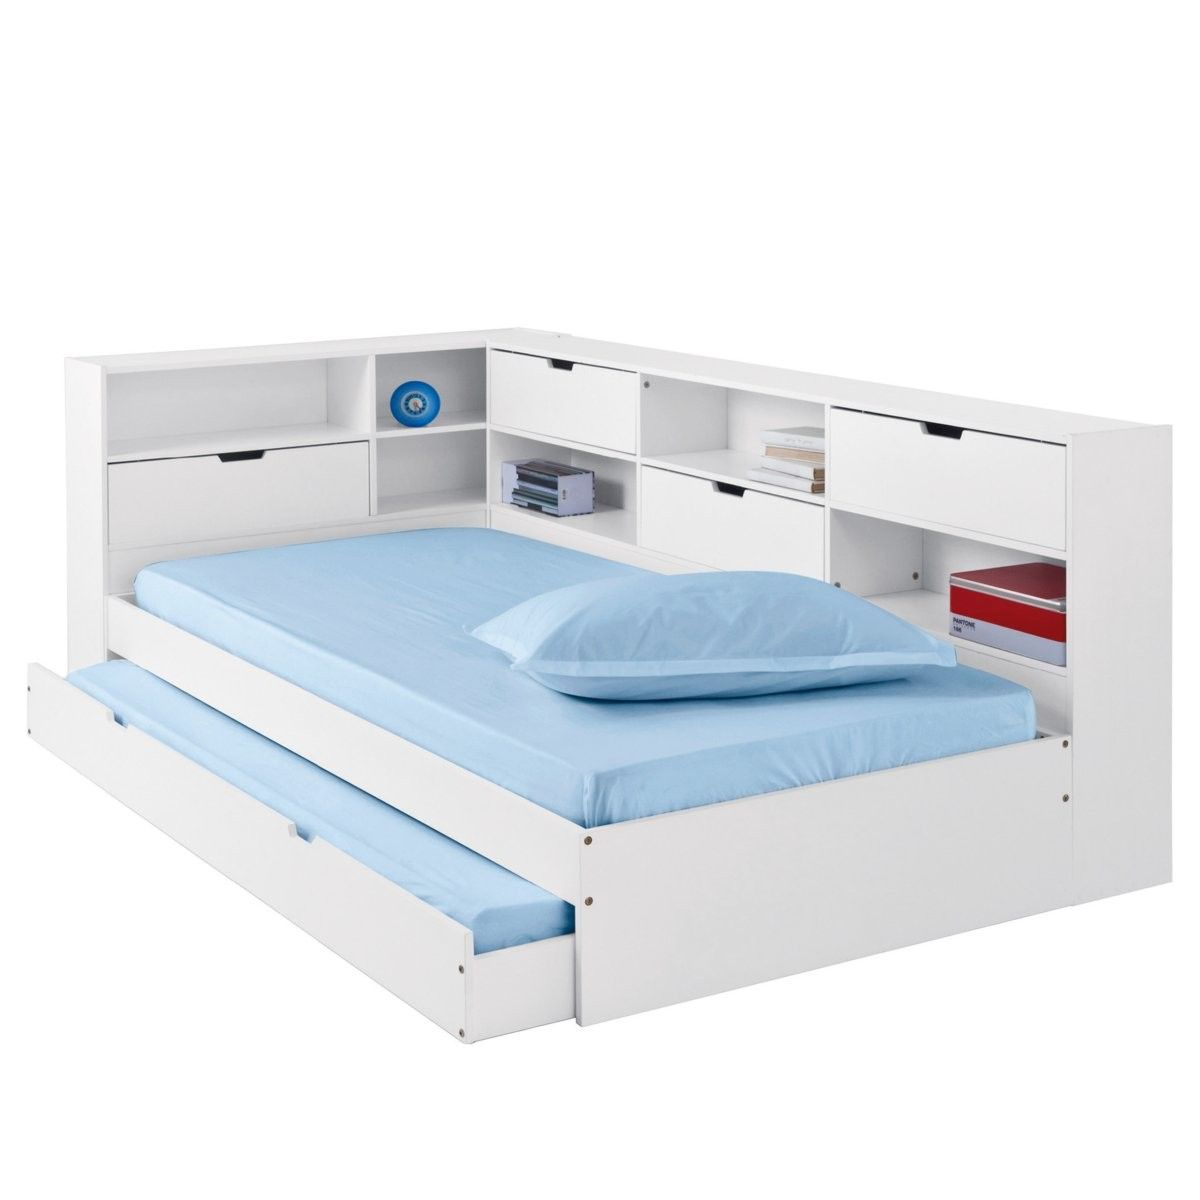 Großartig Neat Design Bett 190×90 Galerie - Die Designideen für ...